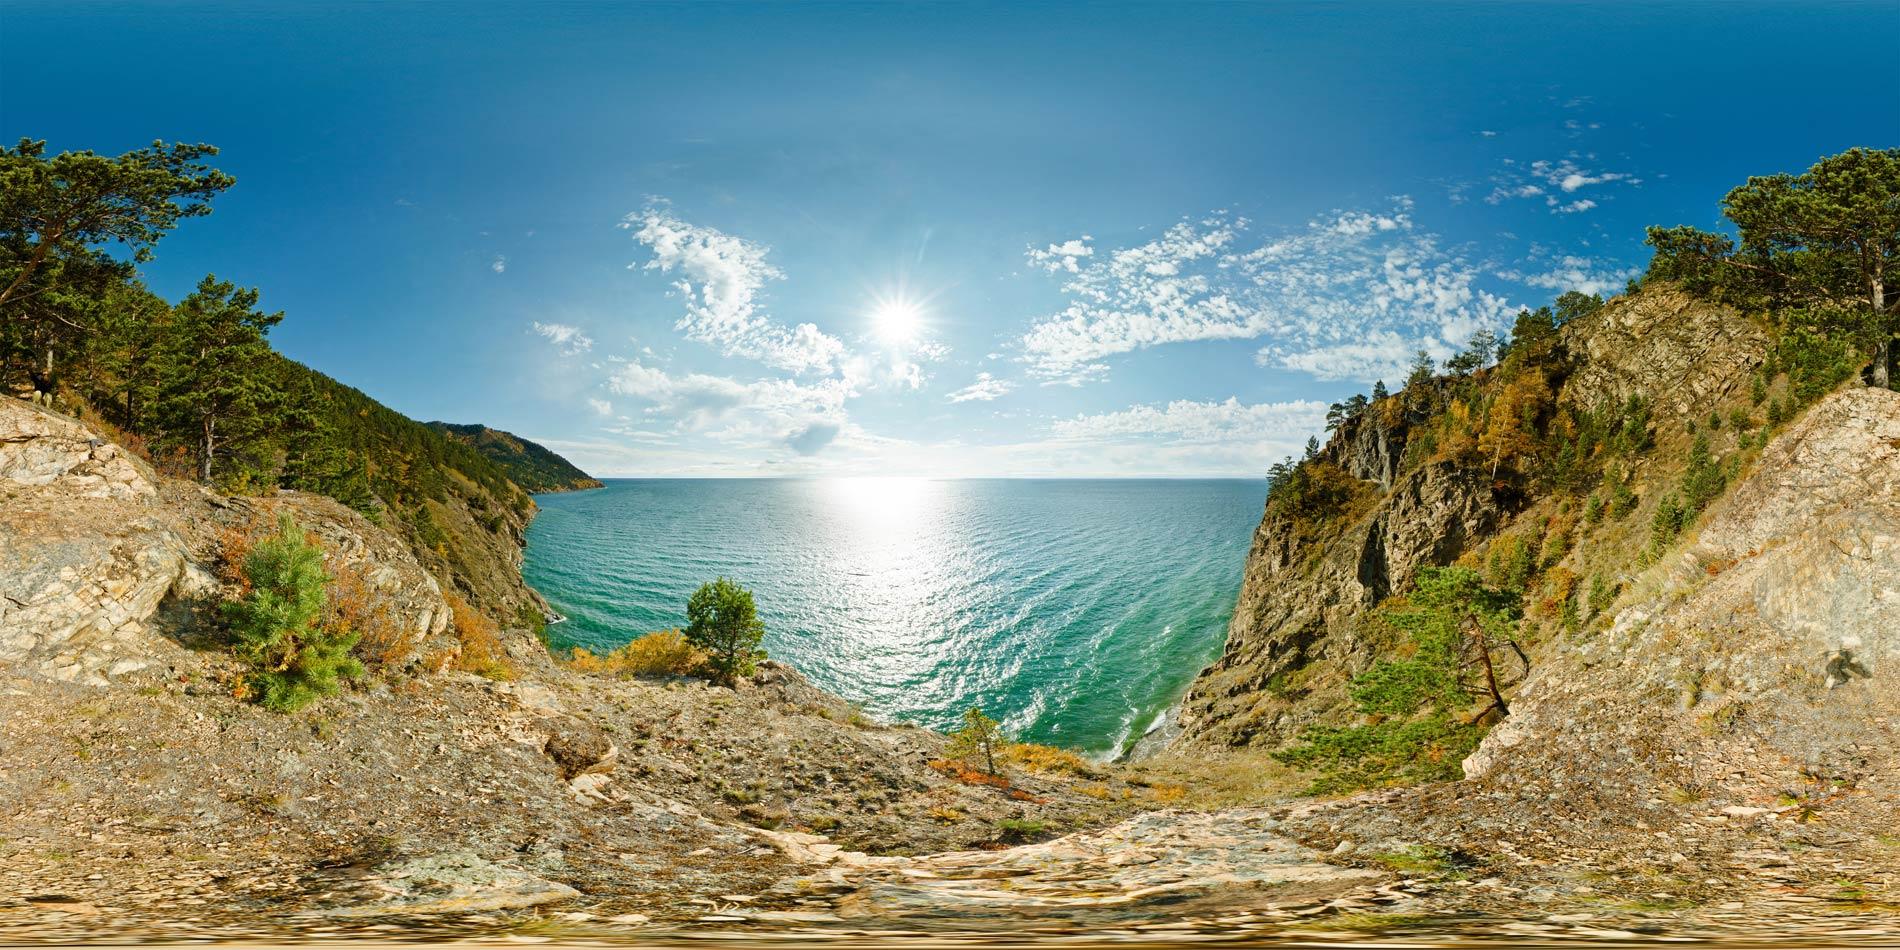 Самое большое озеро в мире - топ 10, рейтинг, фото